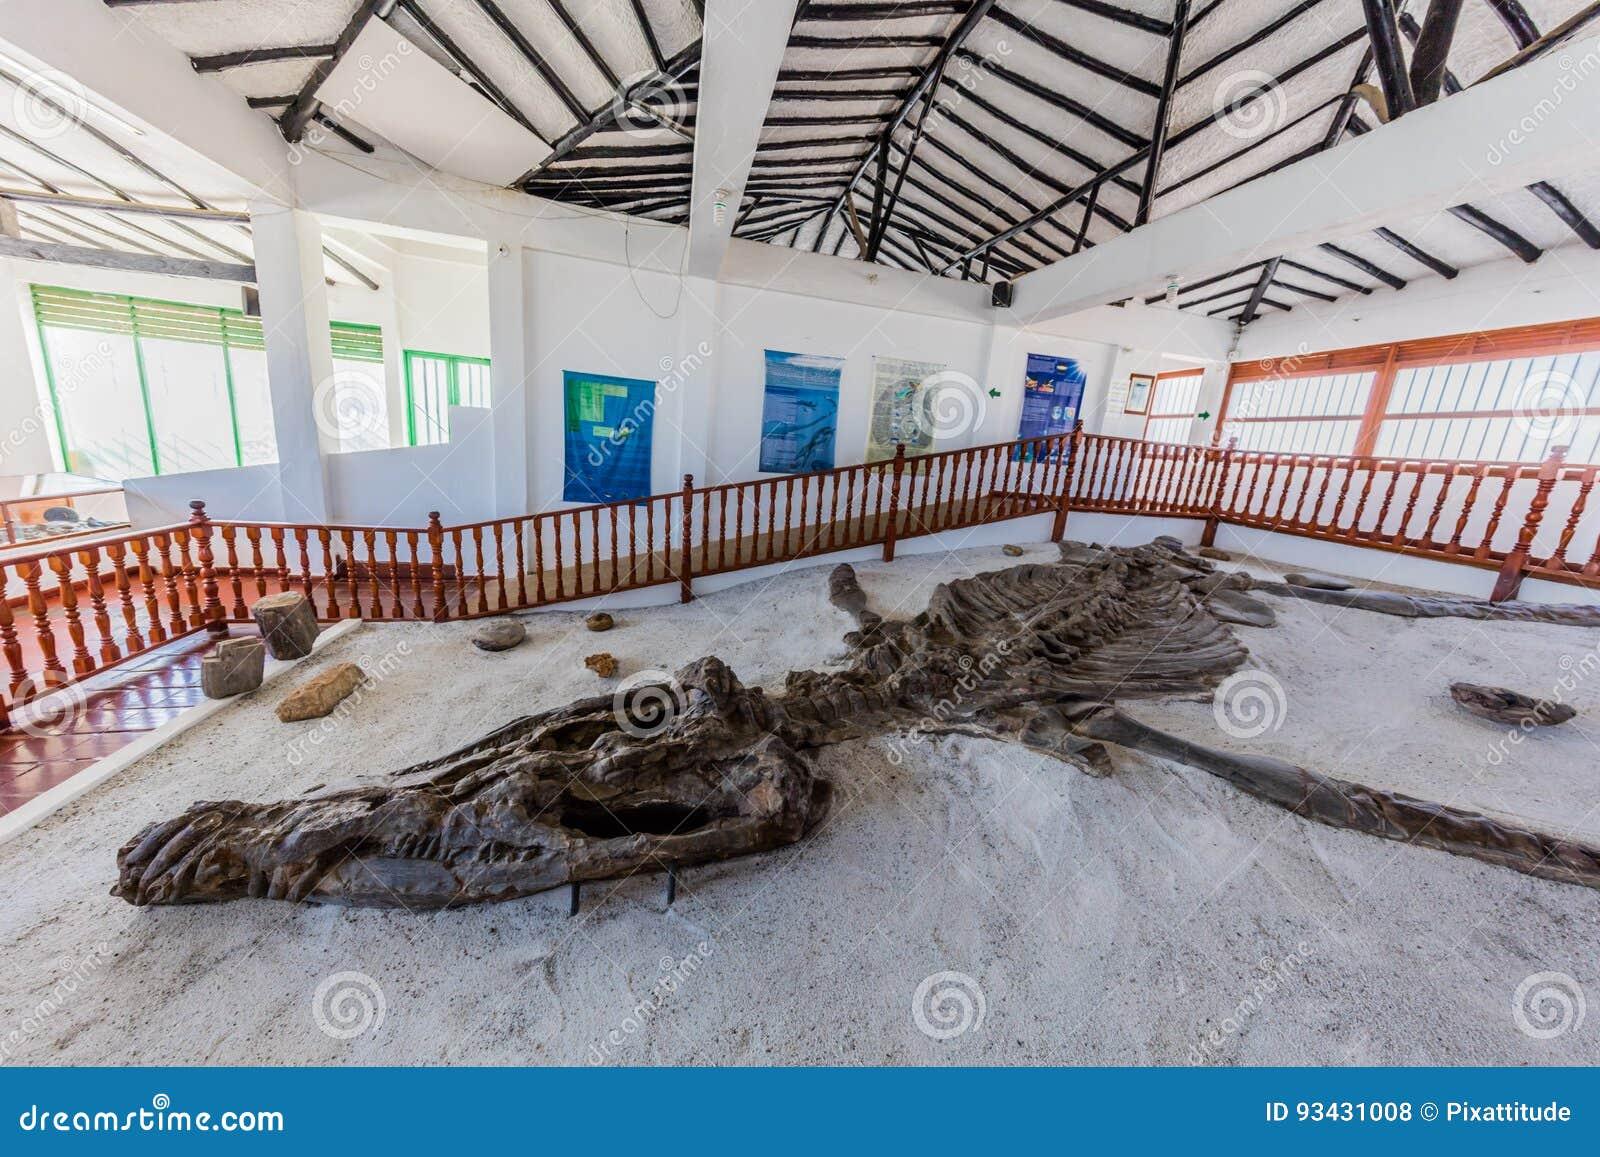 Cuesta De Museum Villa De Leyva Boyaca Del Fosil De Dinosaurio De Museo Del Fosil Foto De Archivo Editorial Imagen De Fosil Boyaca 93431008 תמונות מmuseo paleontologico de villa de leyva. dreamstime